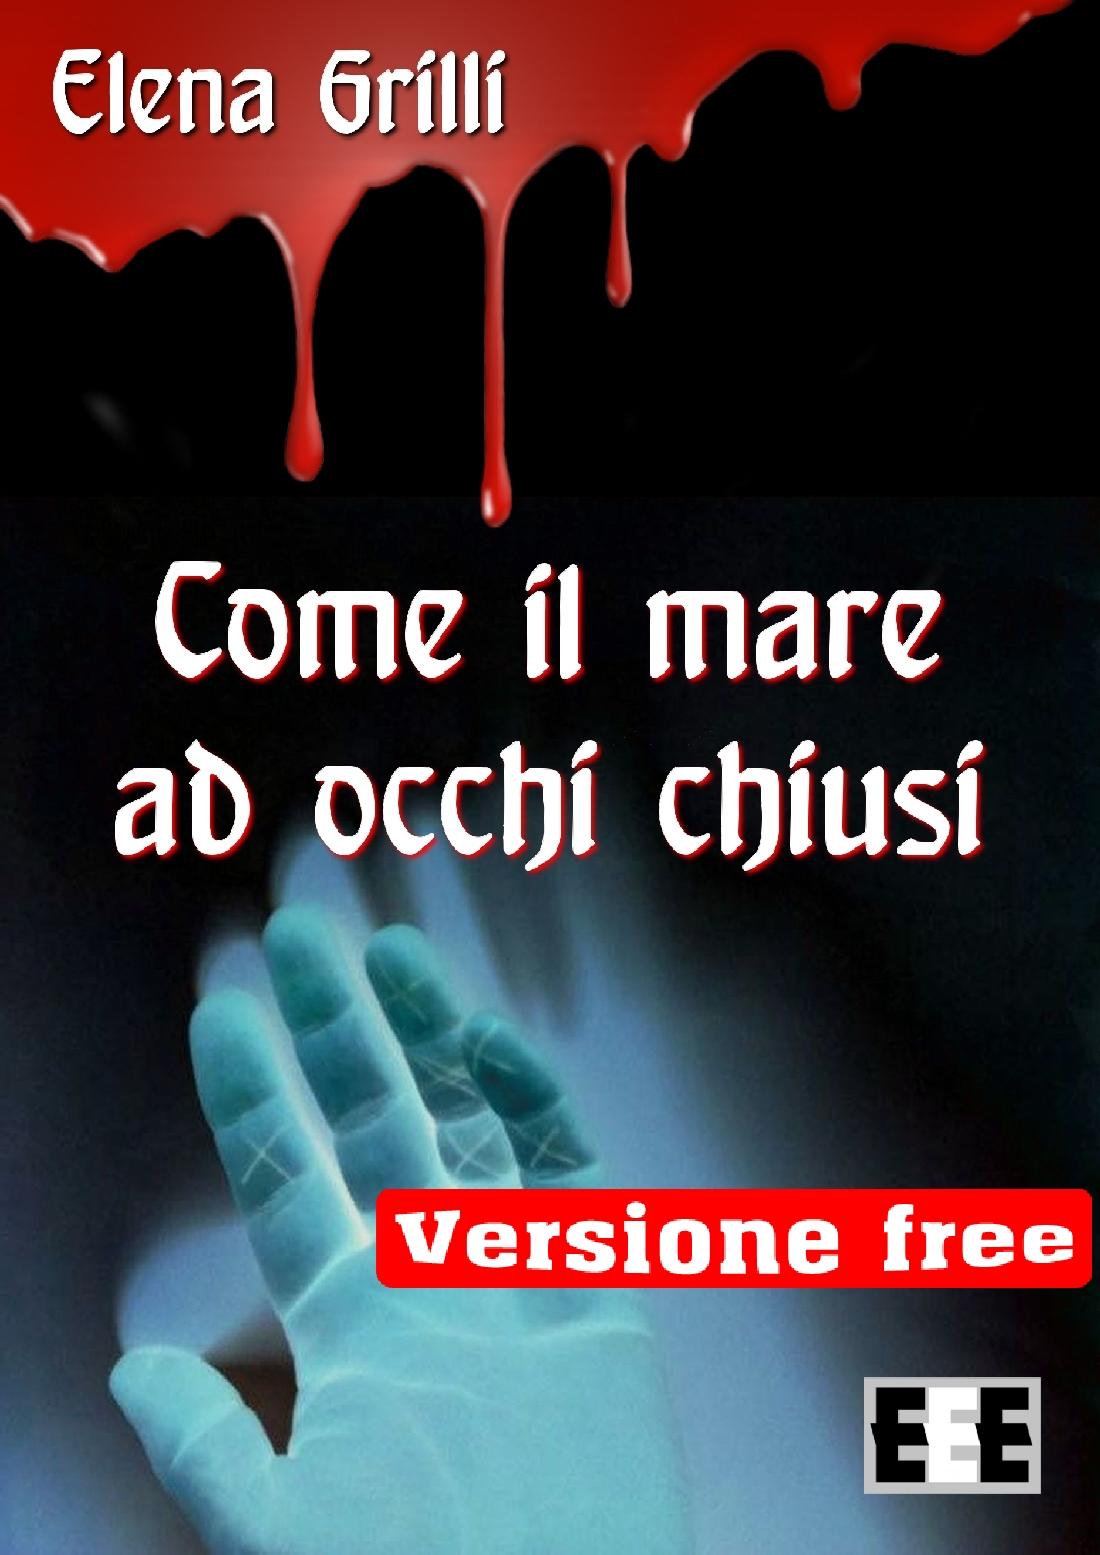 COME IL MARE AD OCCHI CHIUSI